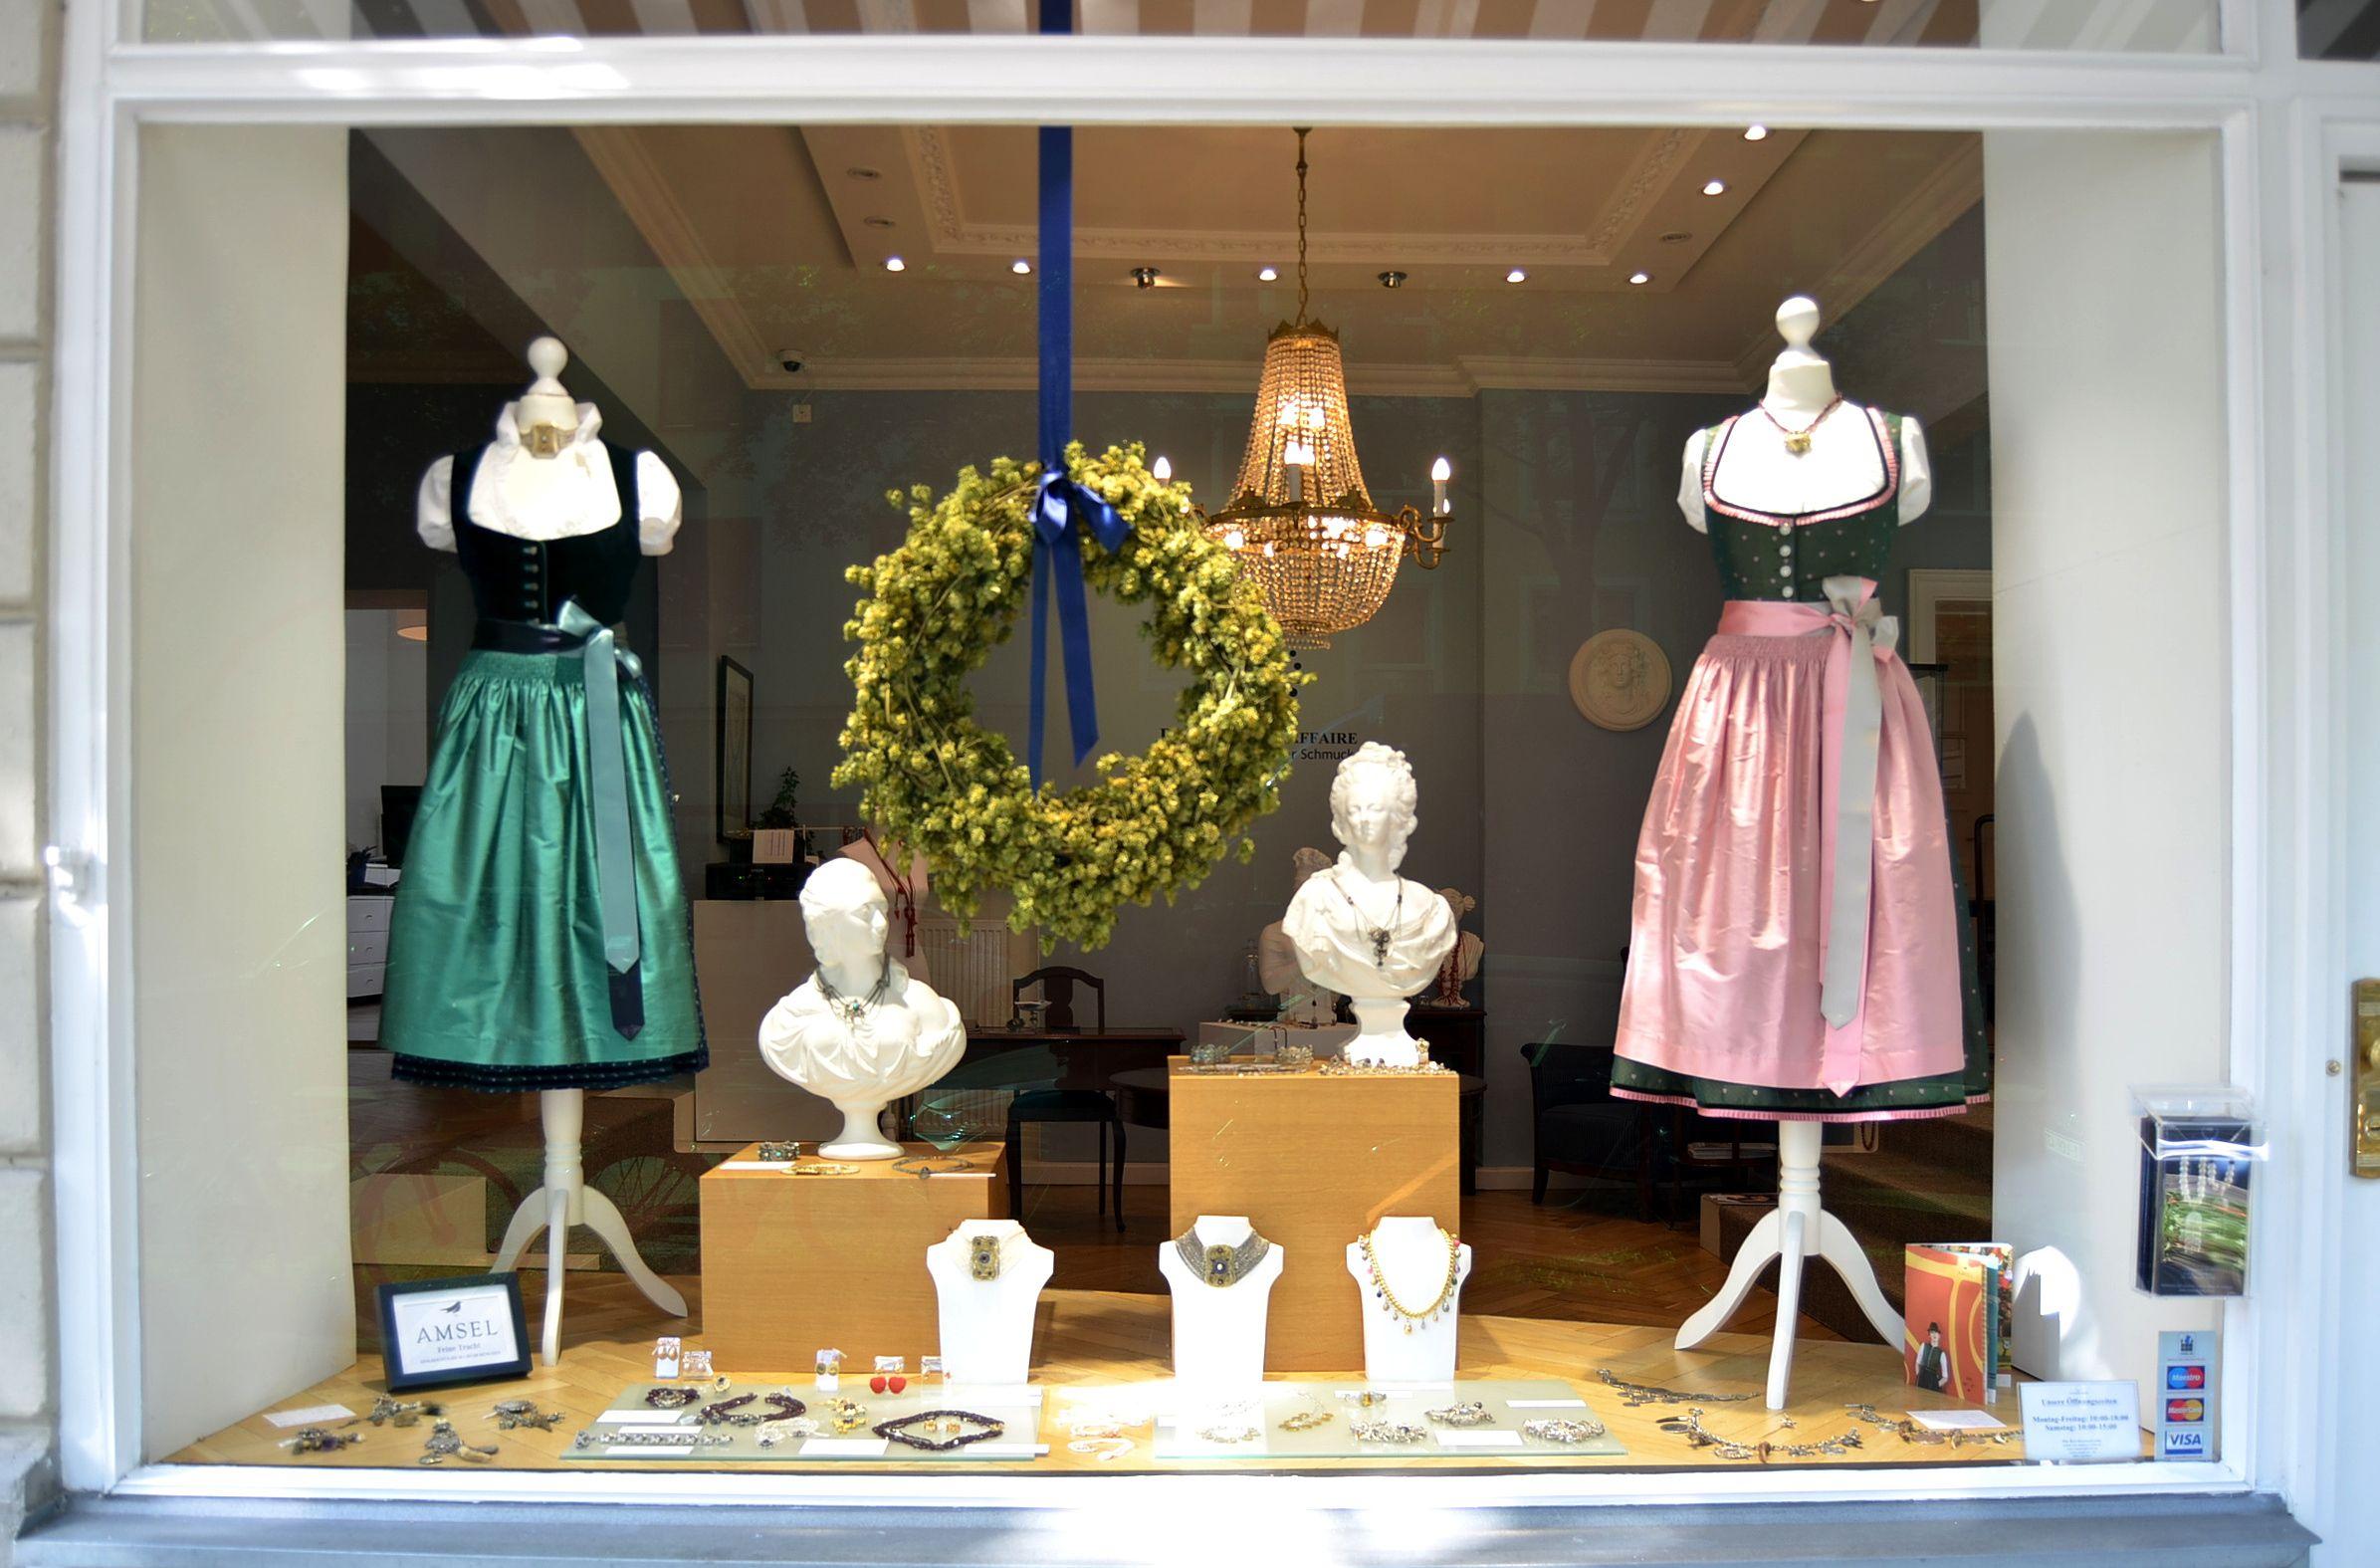 Sympathisch Schaufensterdekoration Beispiele Sammlung Von Unser Wiesn Schaufenster Passend Zum Oktoberfest Wiesn